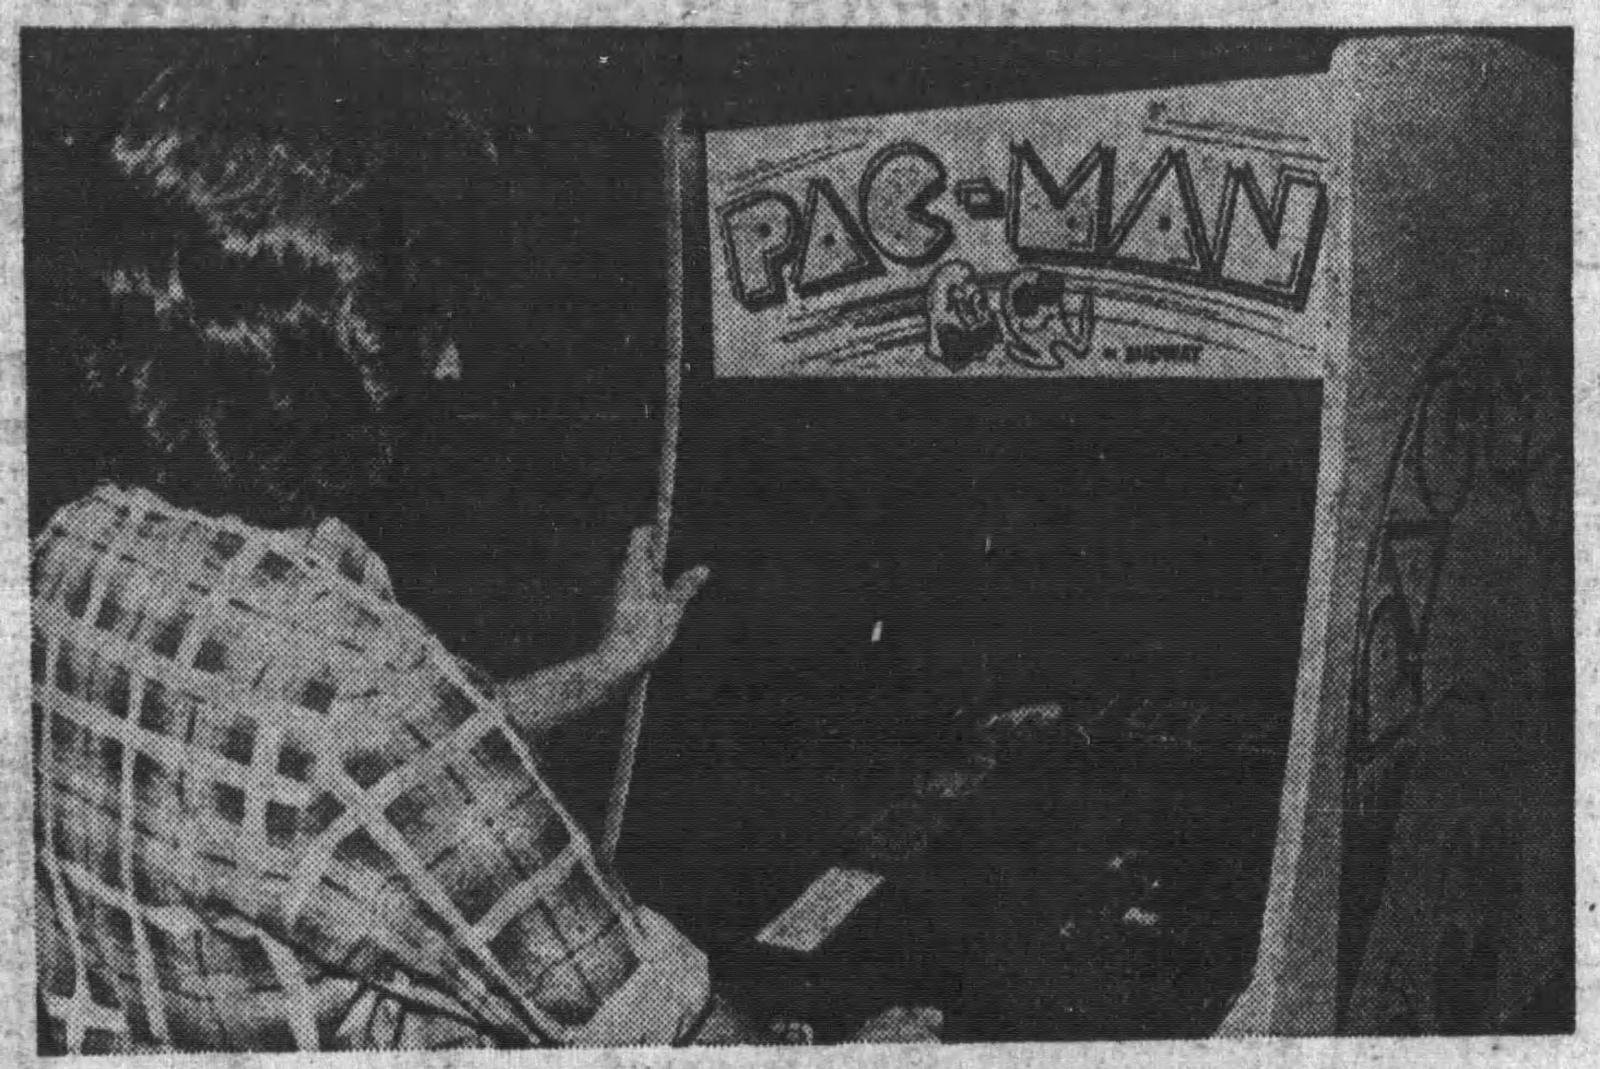 Pac-Man: нерассказанная история того, как мы на самом деле играли в эту игру - 23